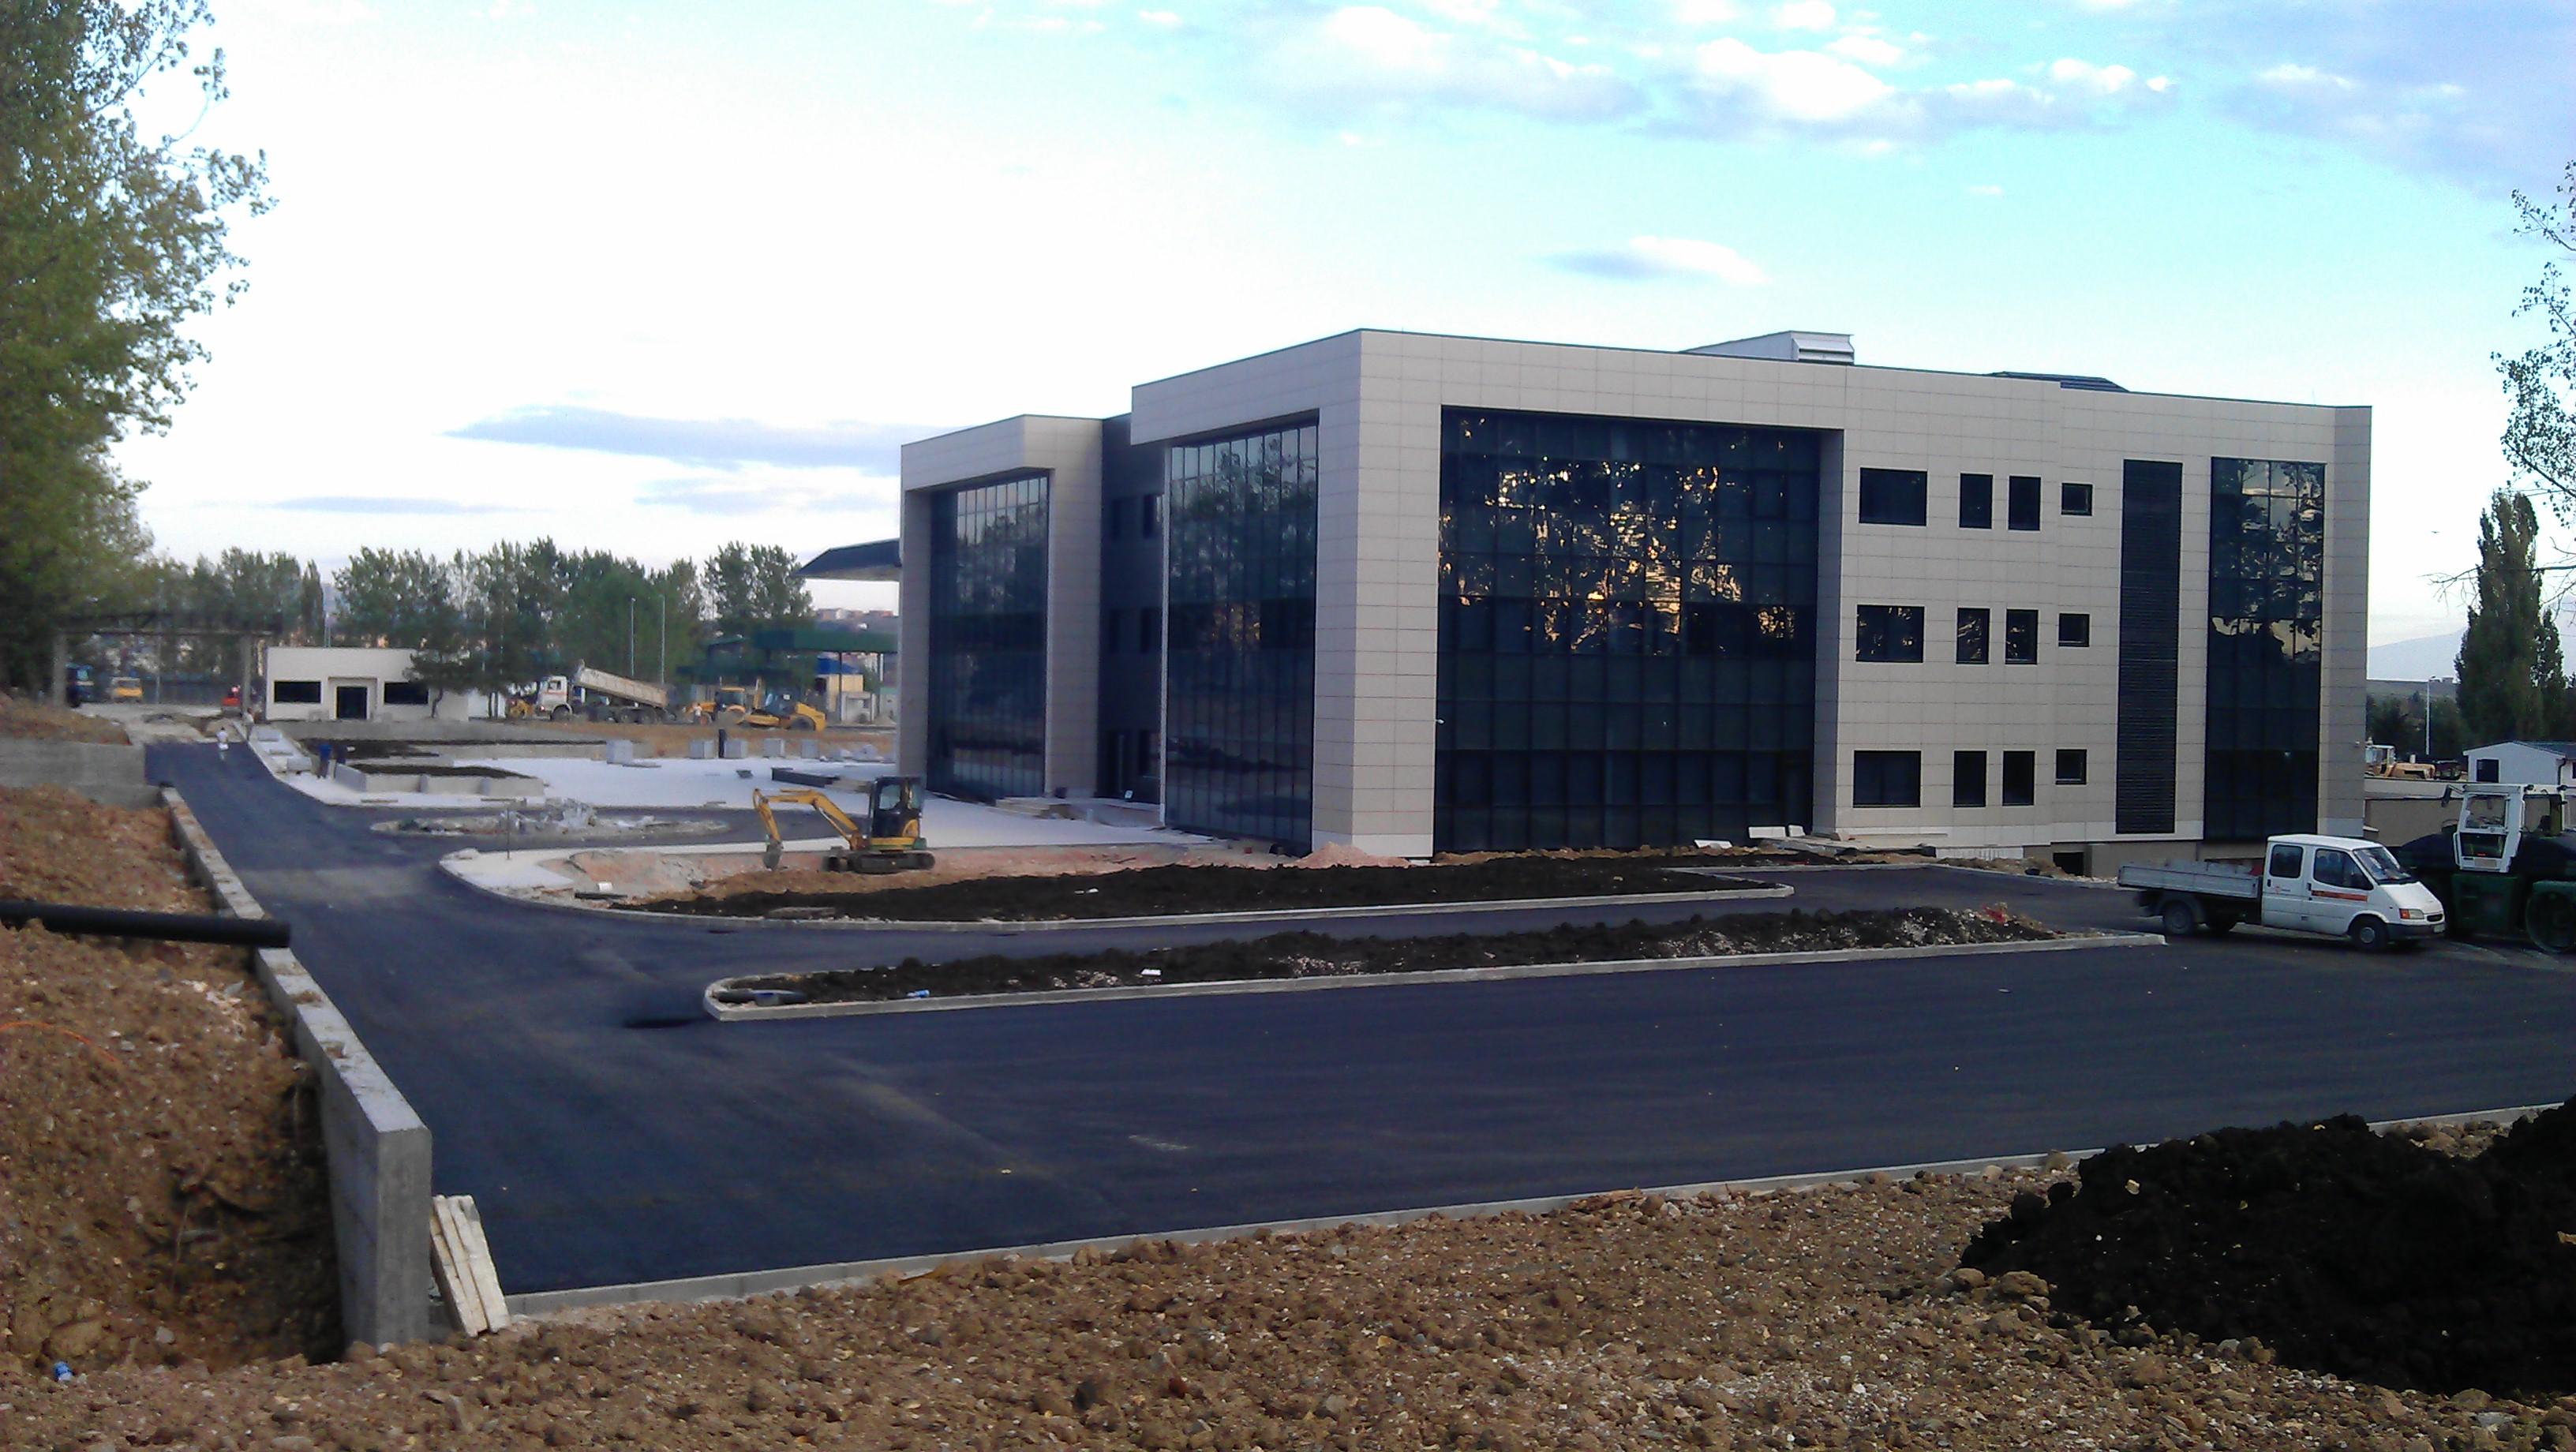 Heliodrom Parlor Adjustment Works, Entrance Gate and Completion of Installation Works in MKSF Building